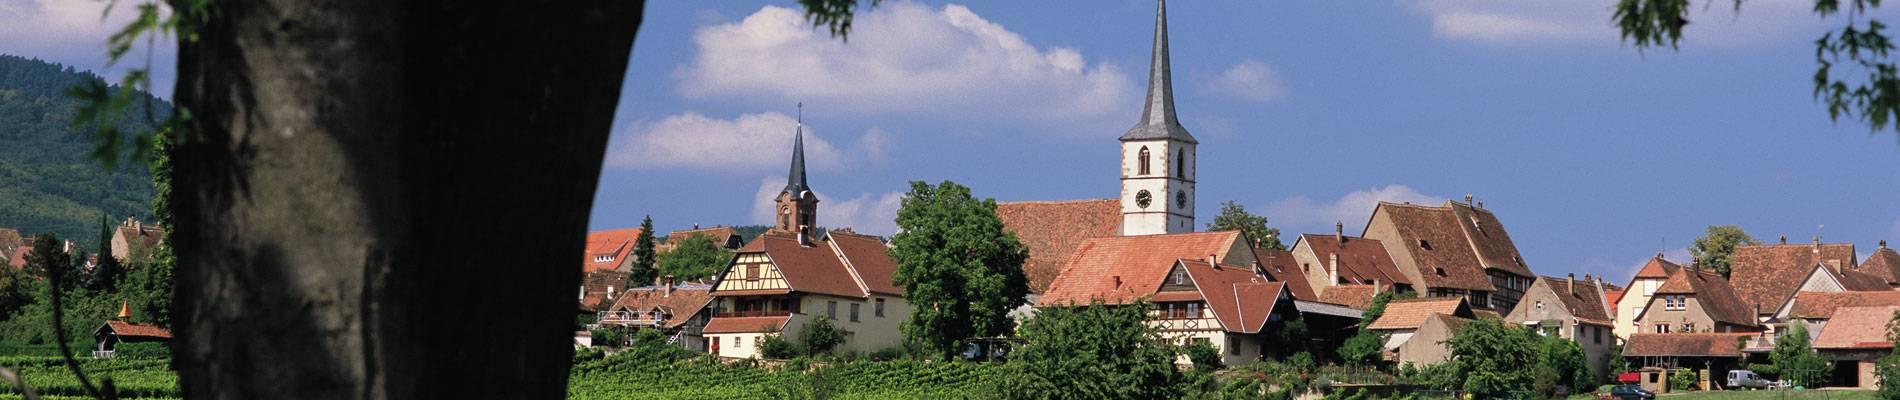 Mittelbergheim-Vin.jpg